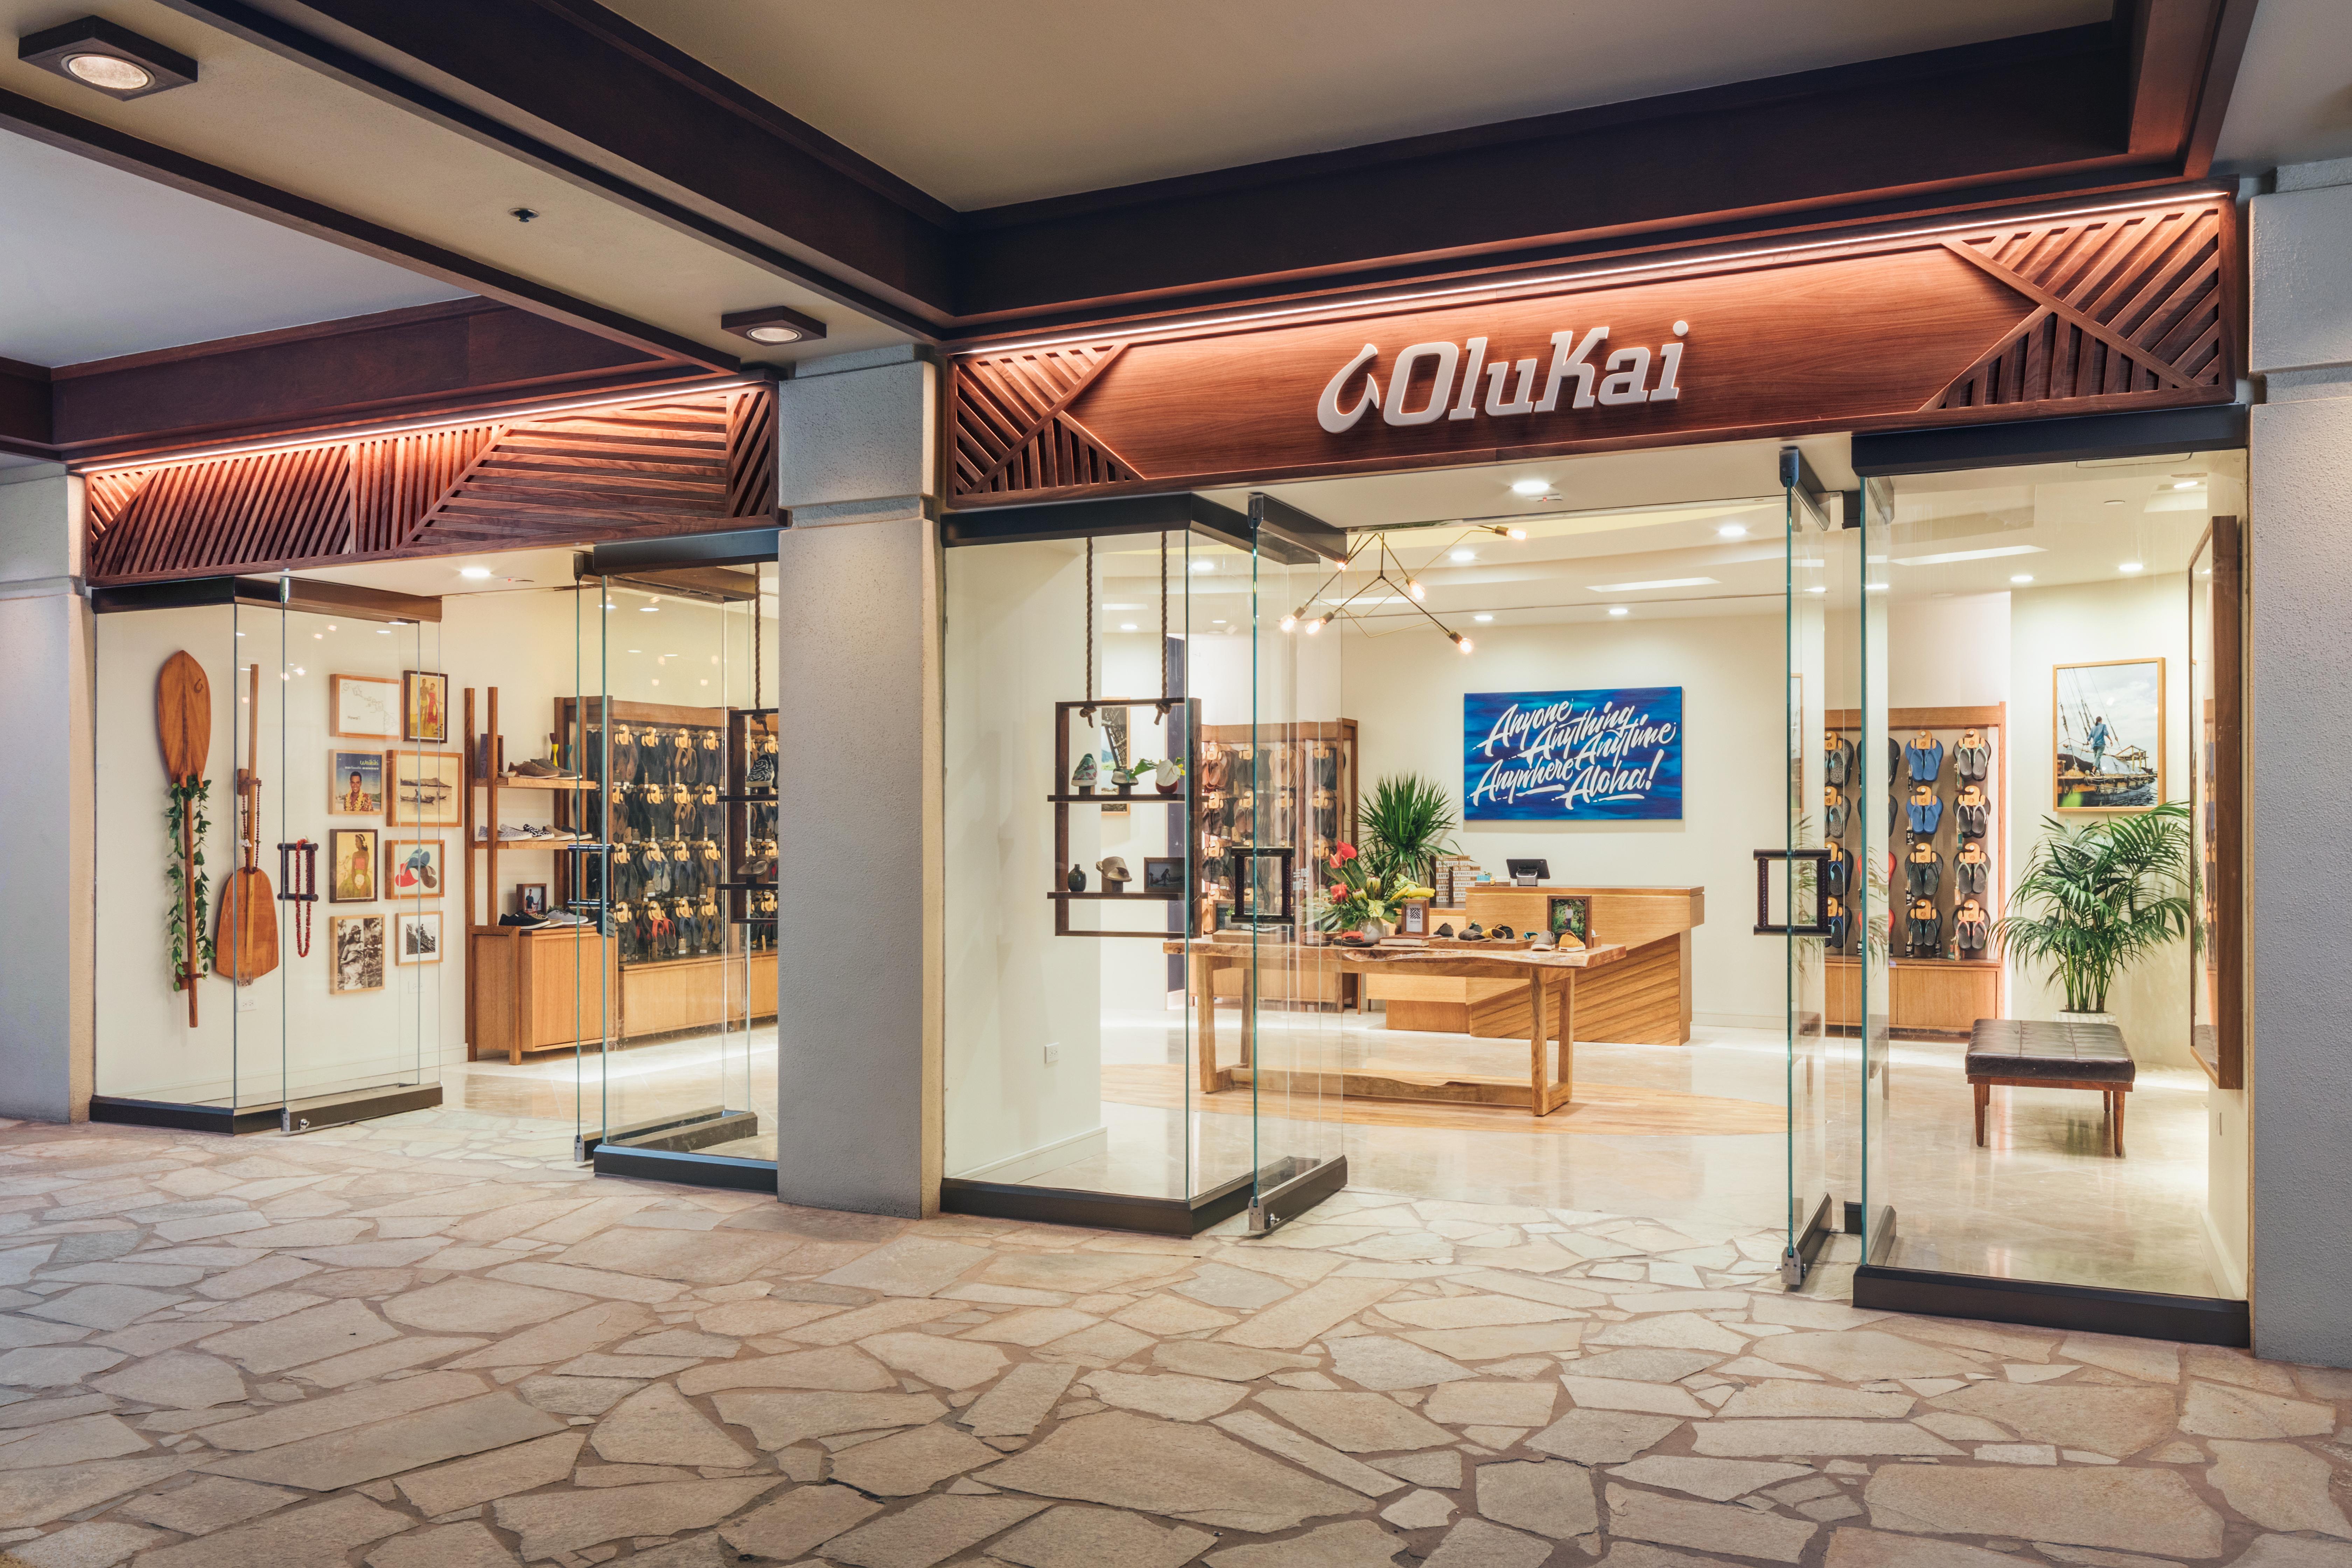 mobile OluKai Hilton Hawaiian Village Store Front